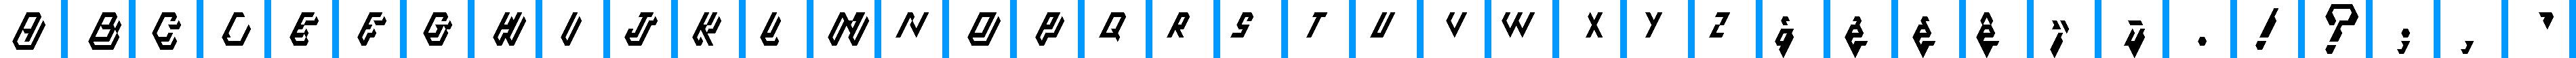 Particip-a-type v.40